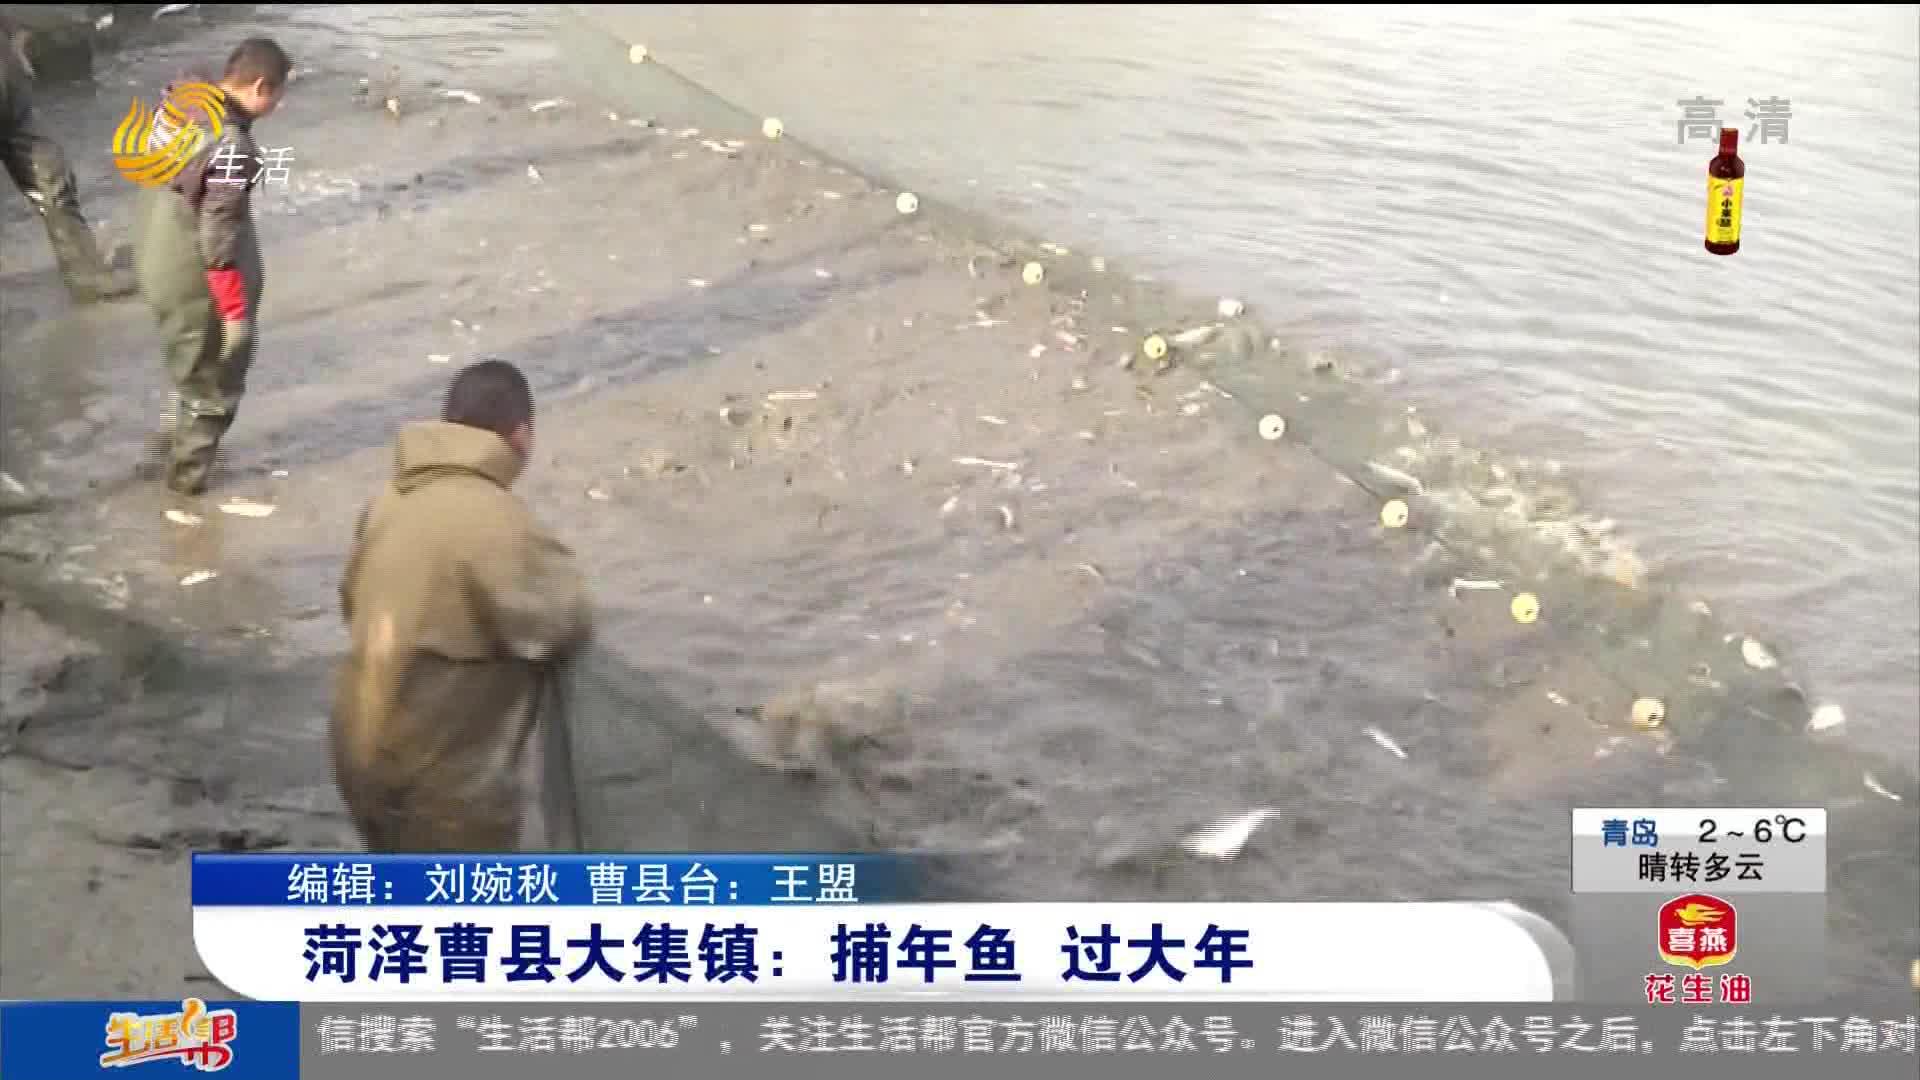 菏泽曹县大集镇:捕年鱼 过大年